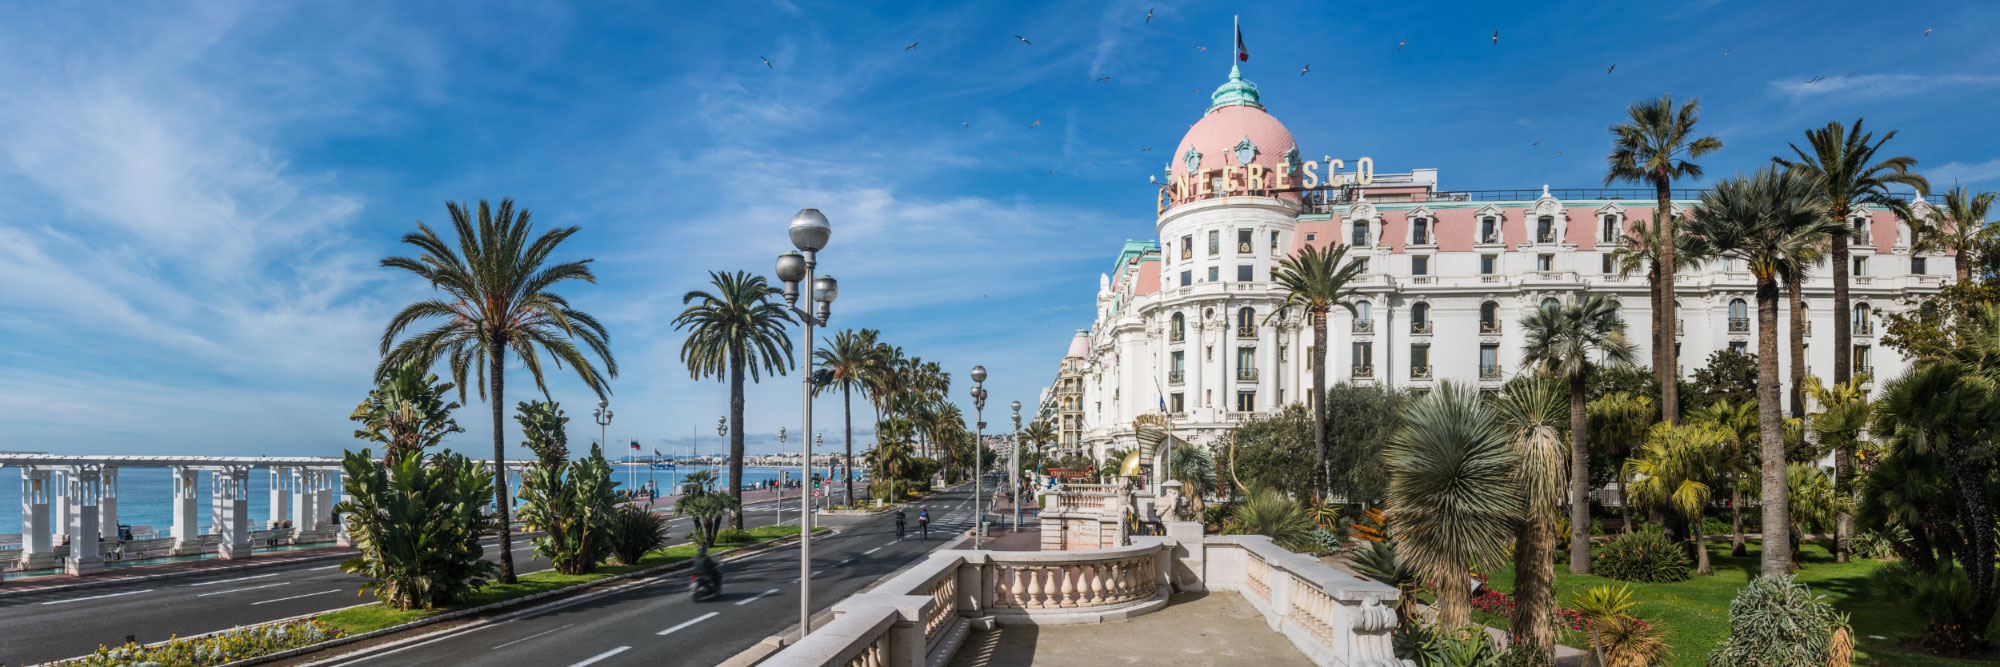 Promenade des Anglais et Hôtel Negresco, Côte d'Azur